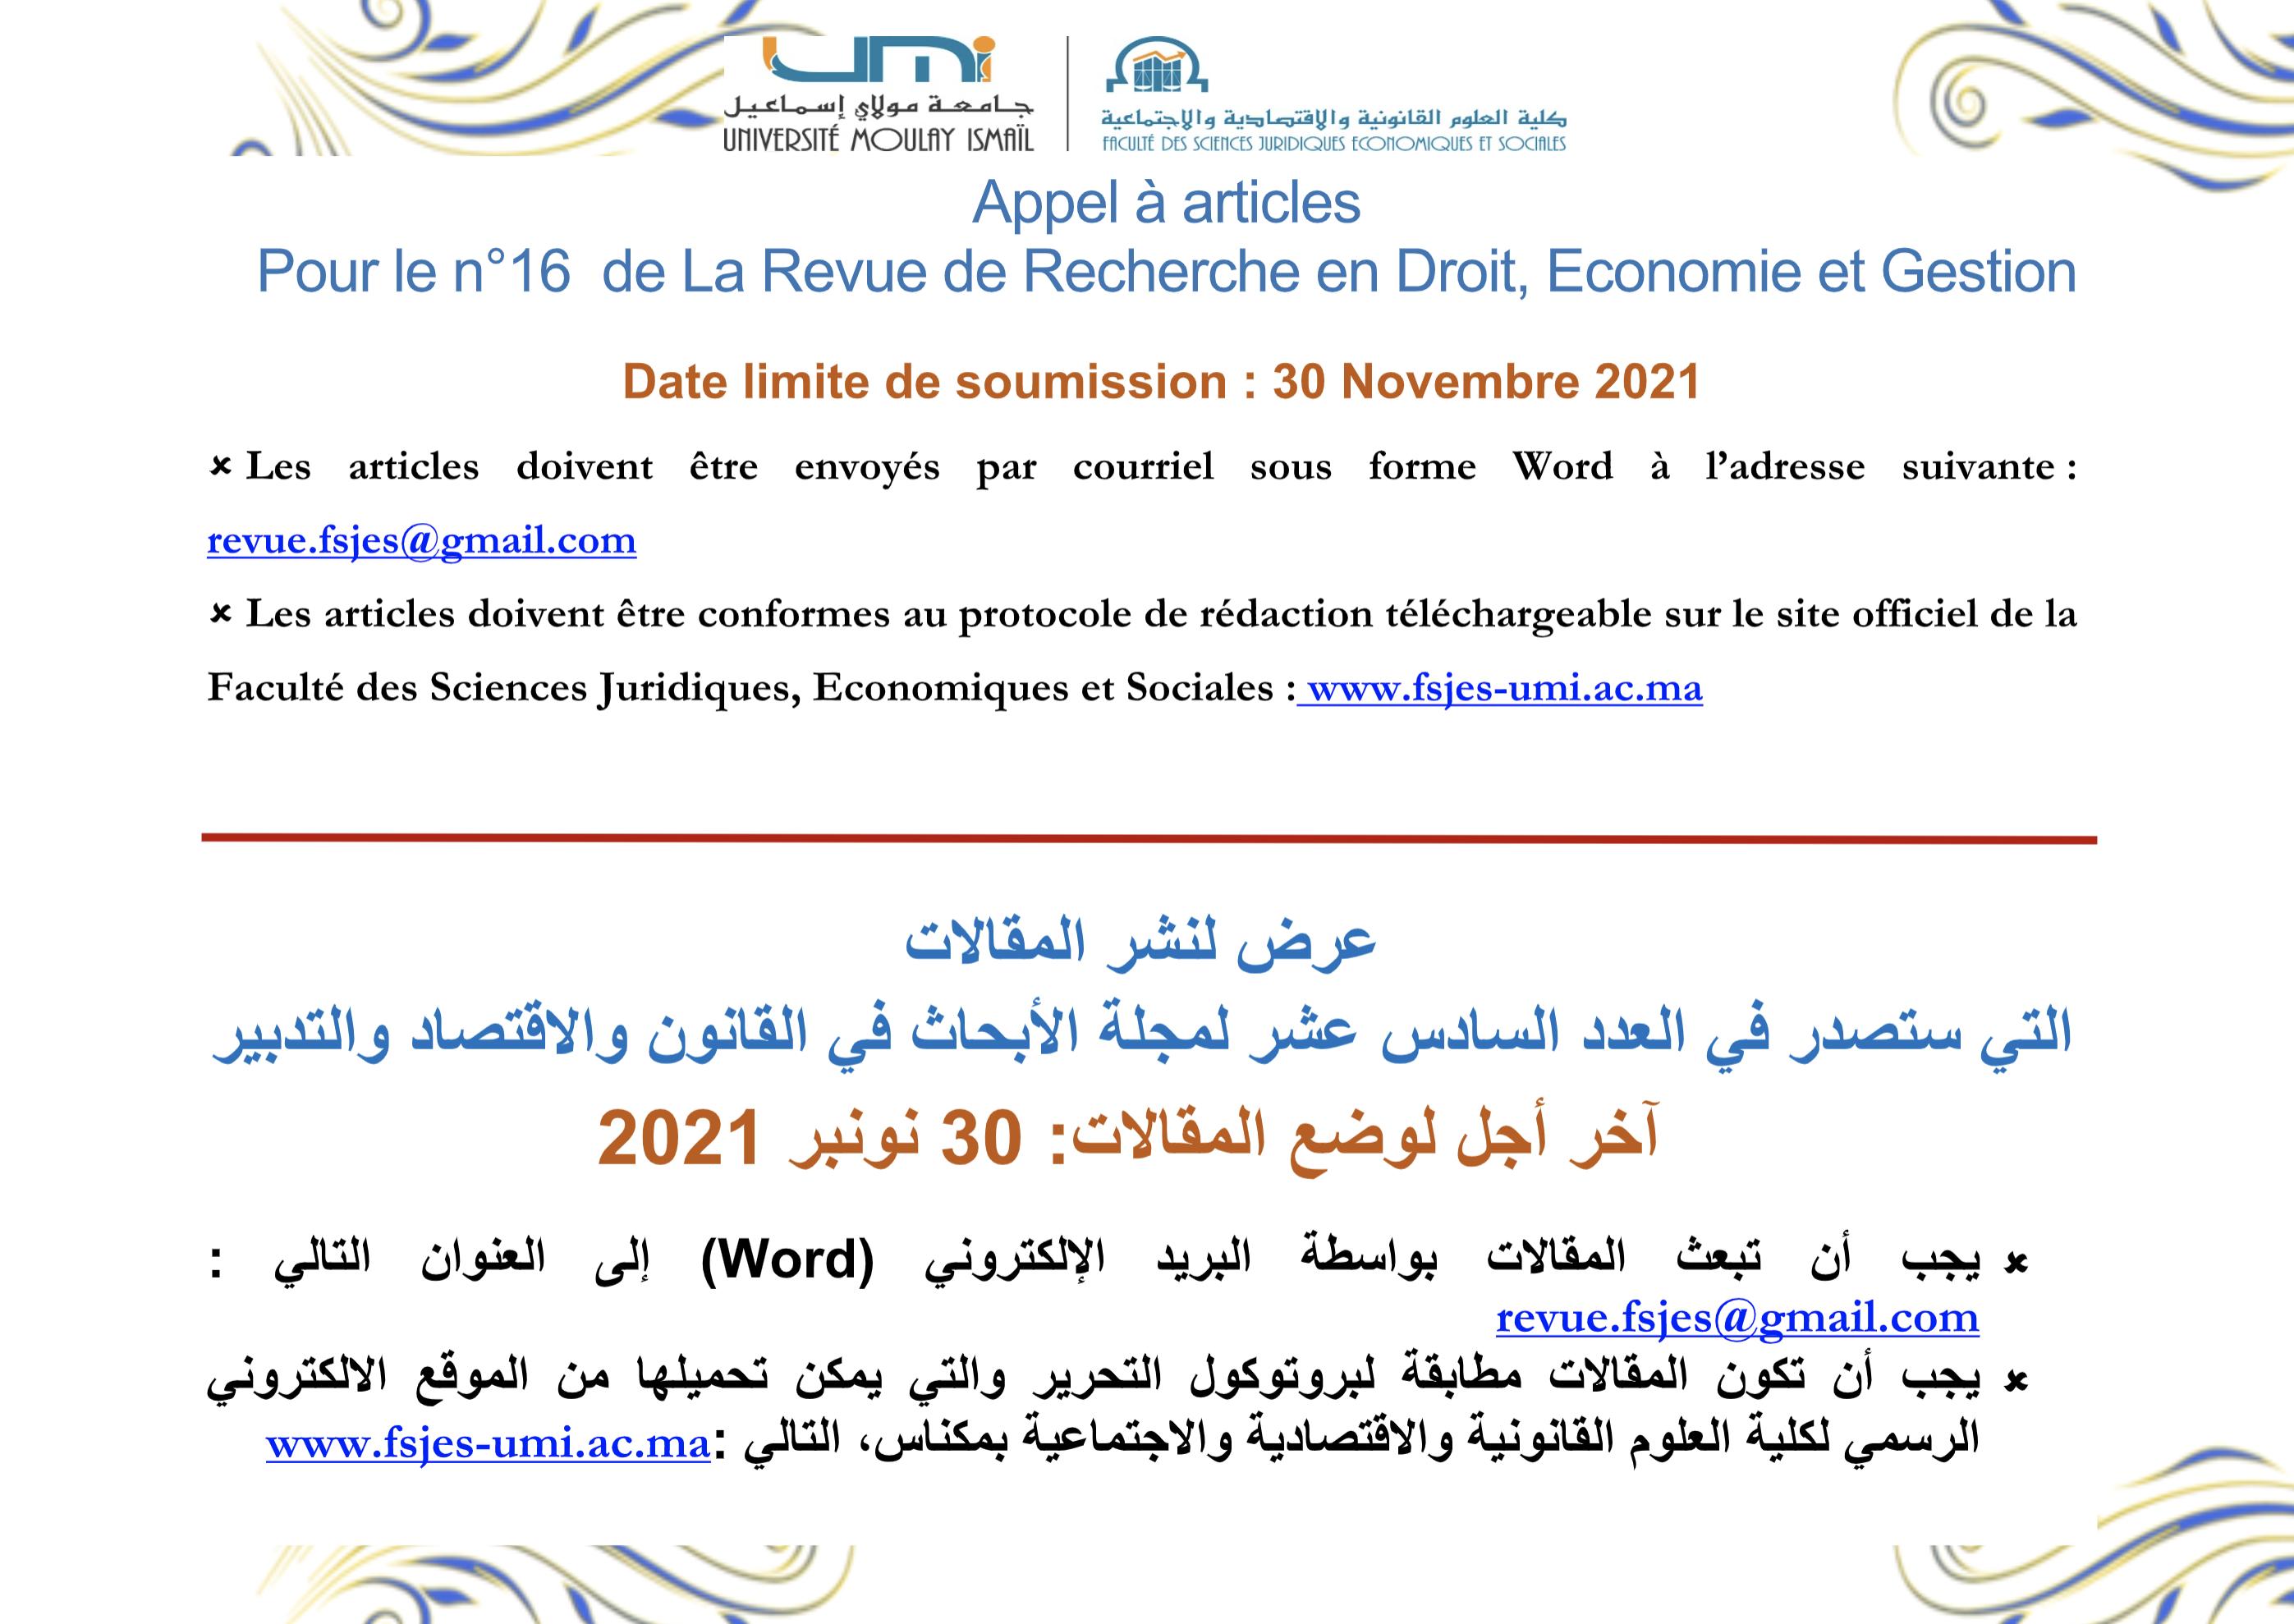 Appel à articles pour le n° 16 de la Revue de Recherche en Droit, Economie et Gestion